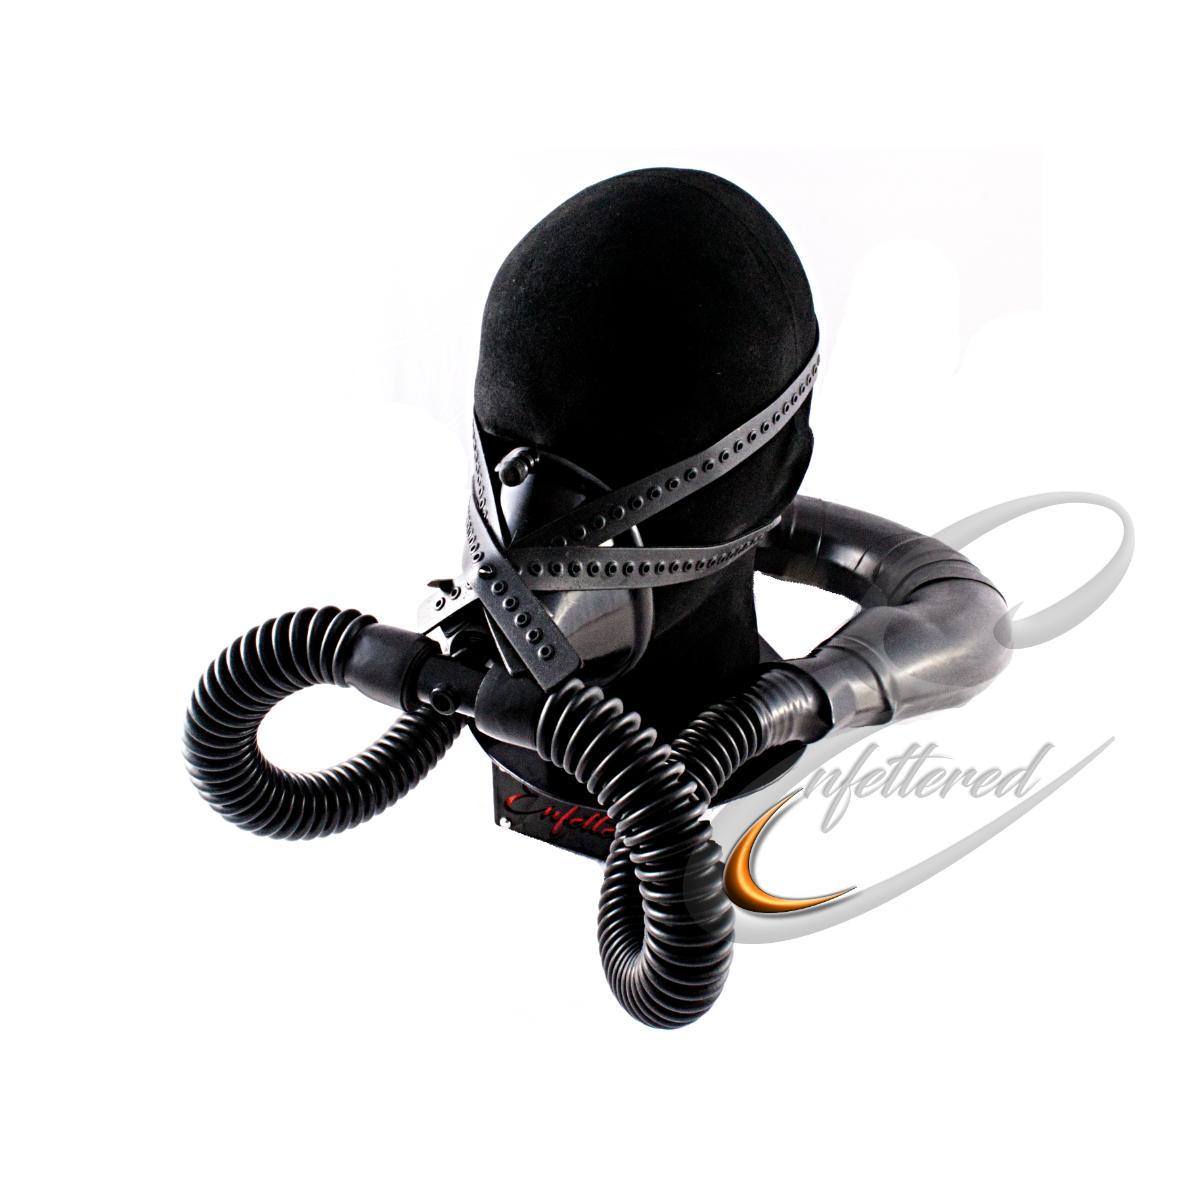 Enfettered Respirator Rubber SmellBag Mask System